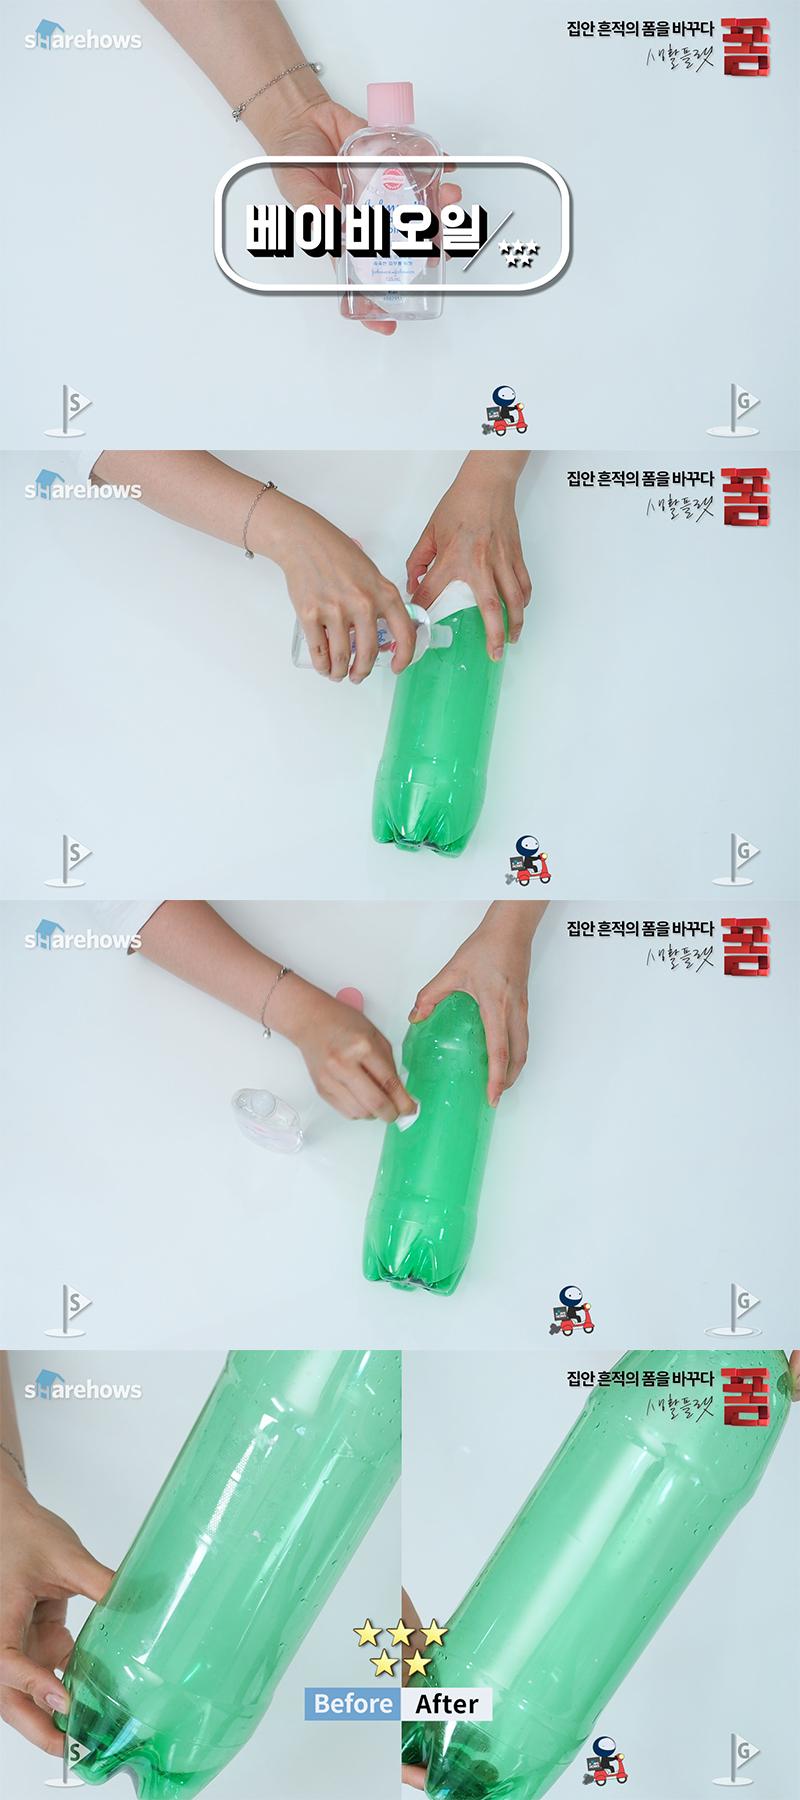 remove-sticky-marks 04